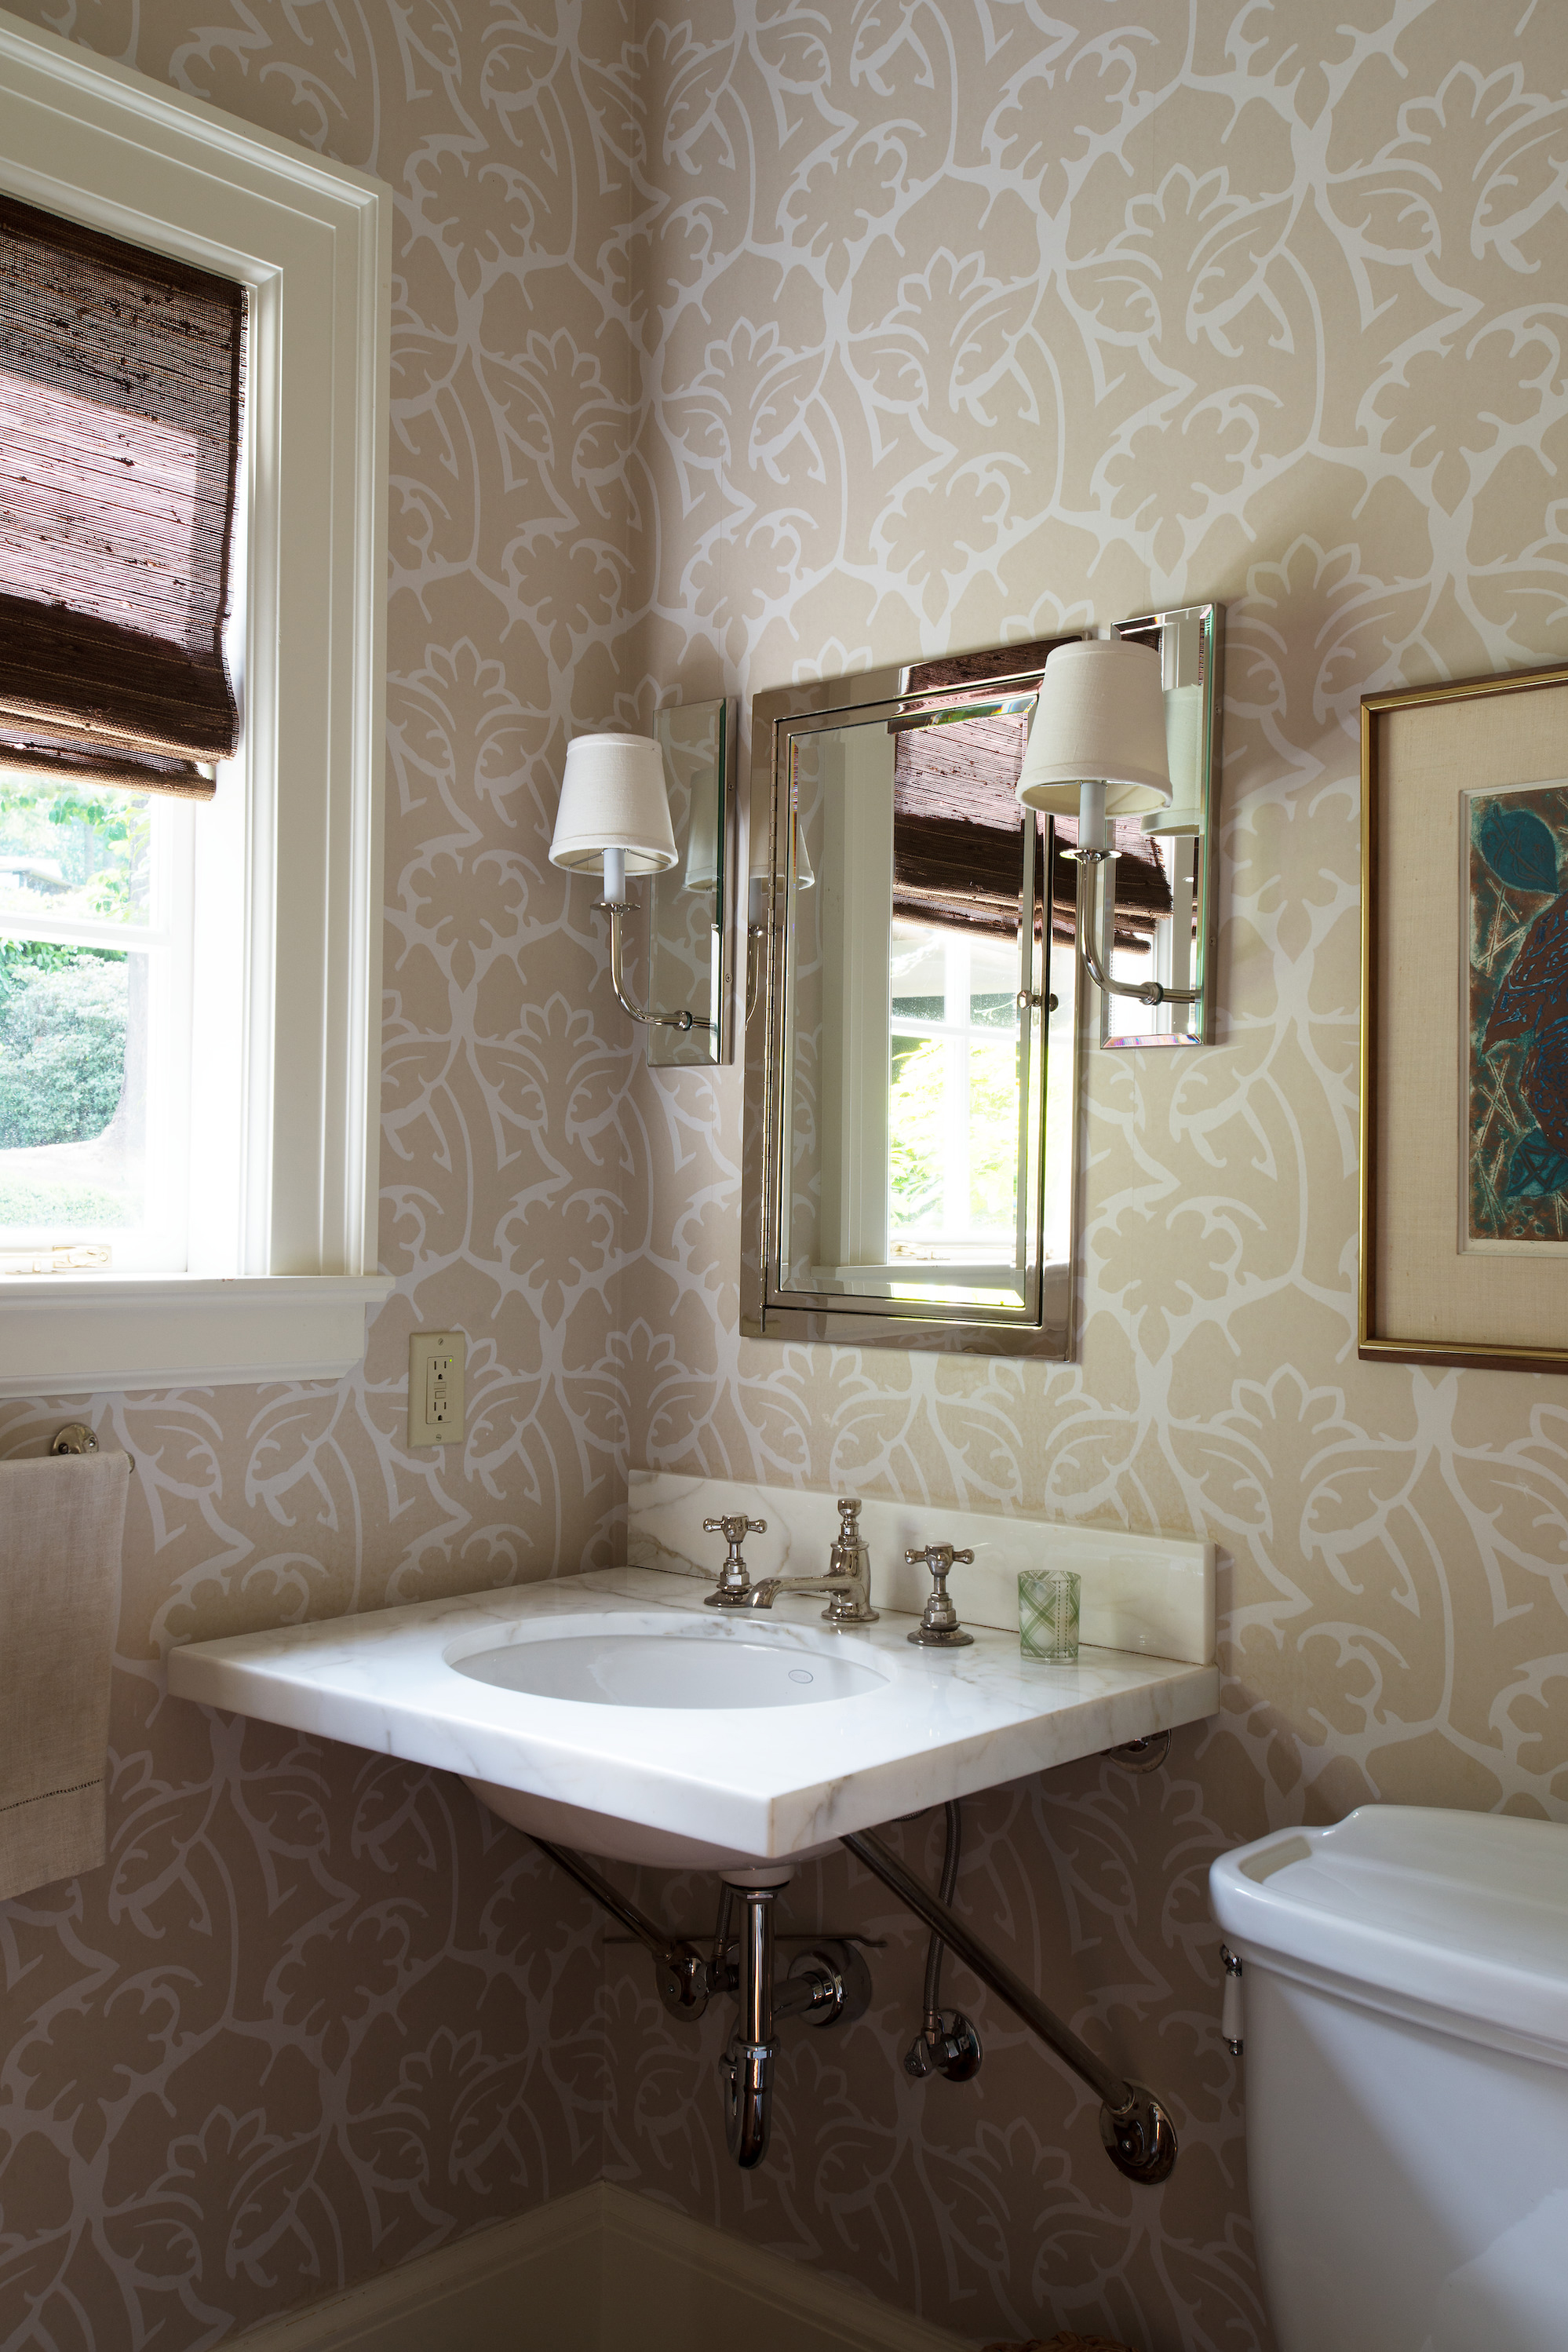 Bathroom interior design by Jenni Leasia Interior Design in Portland